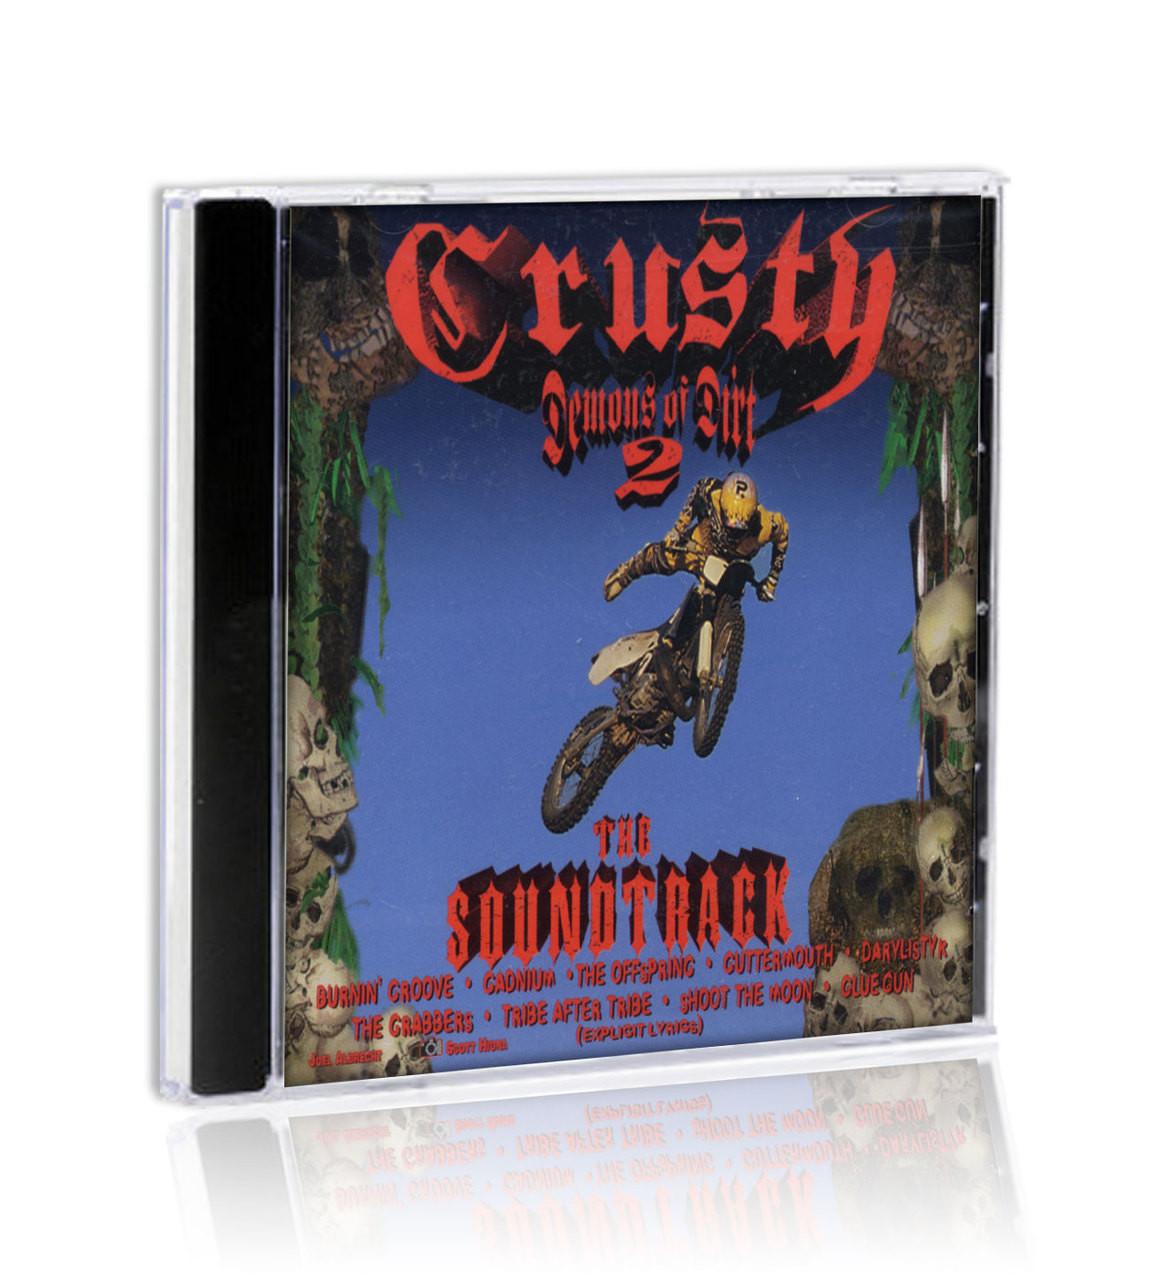 Soundtrack CD - Crusty 2